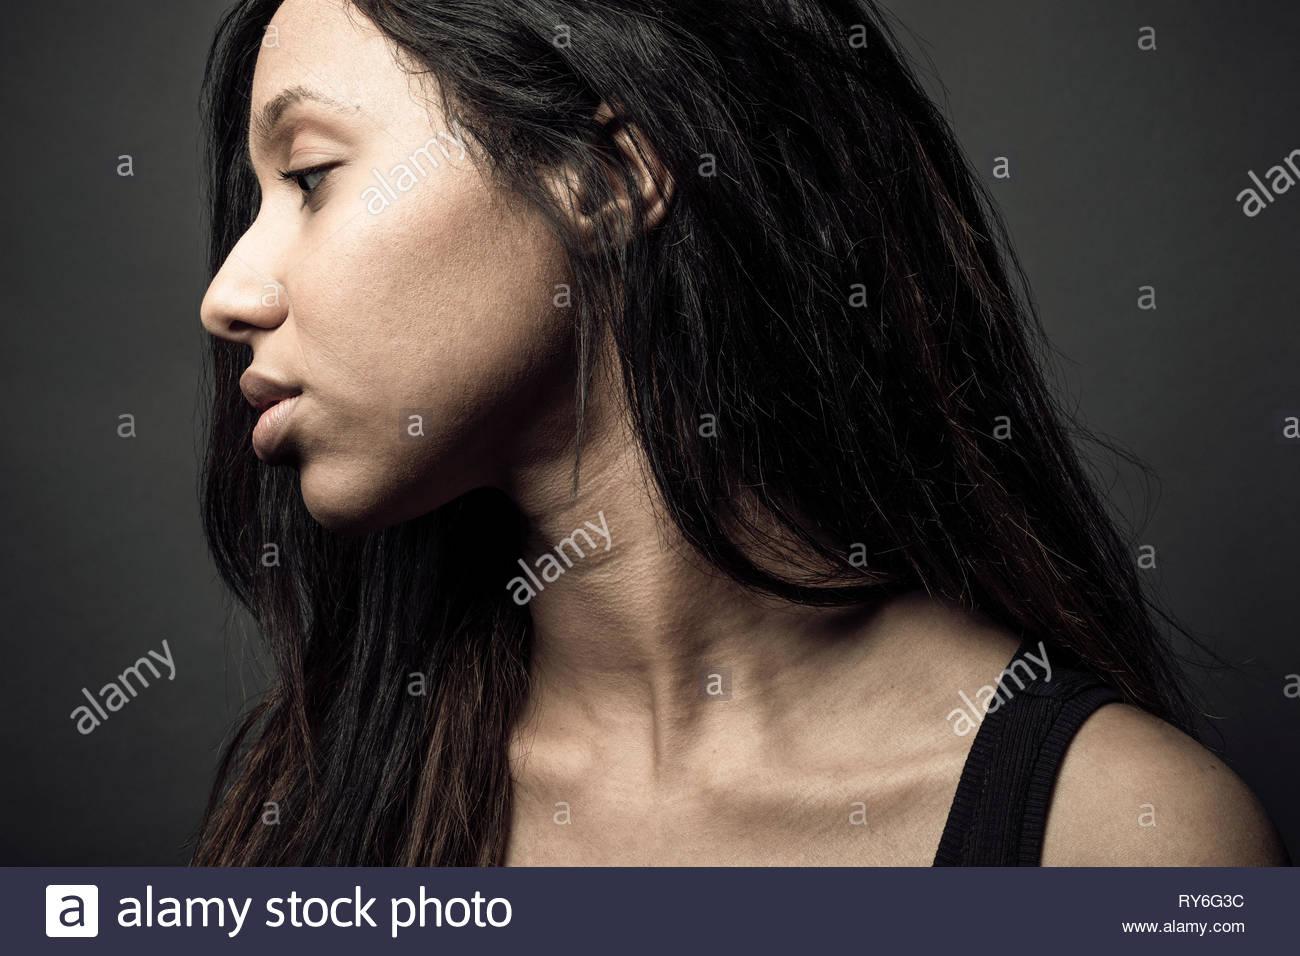 Portrait de profil belle jeune femme jamaïcaine réfléchie avec de longs cheveux noirs Photo Stock